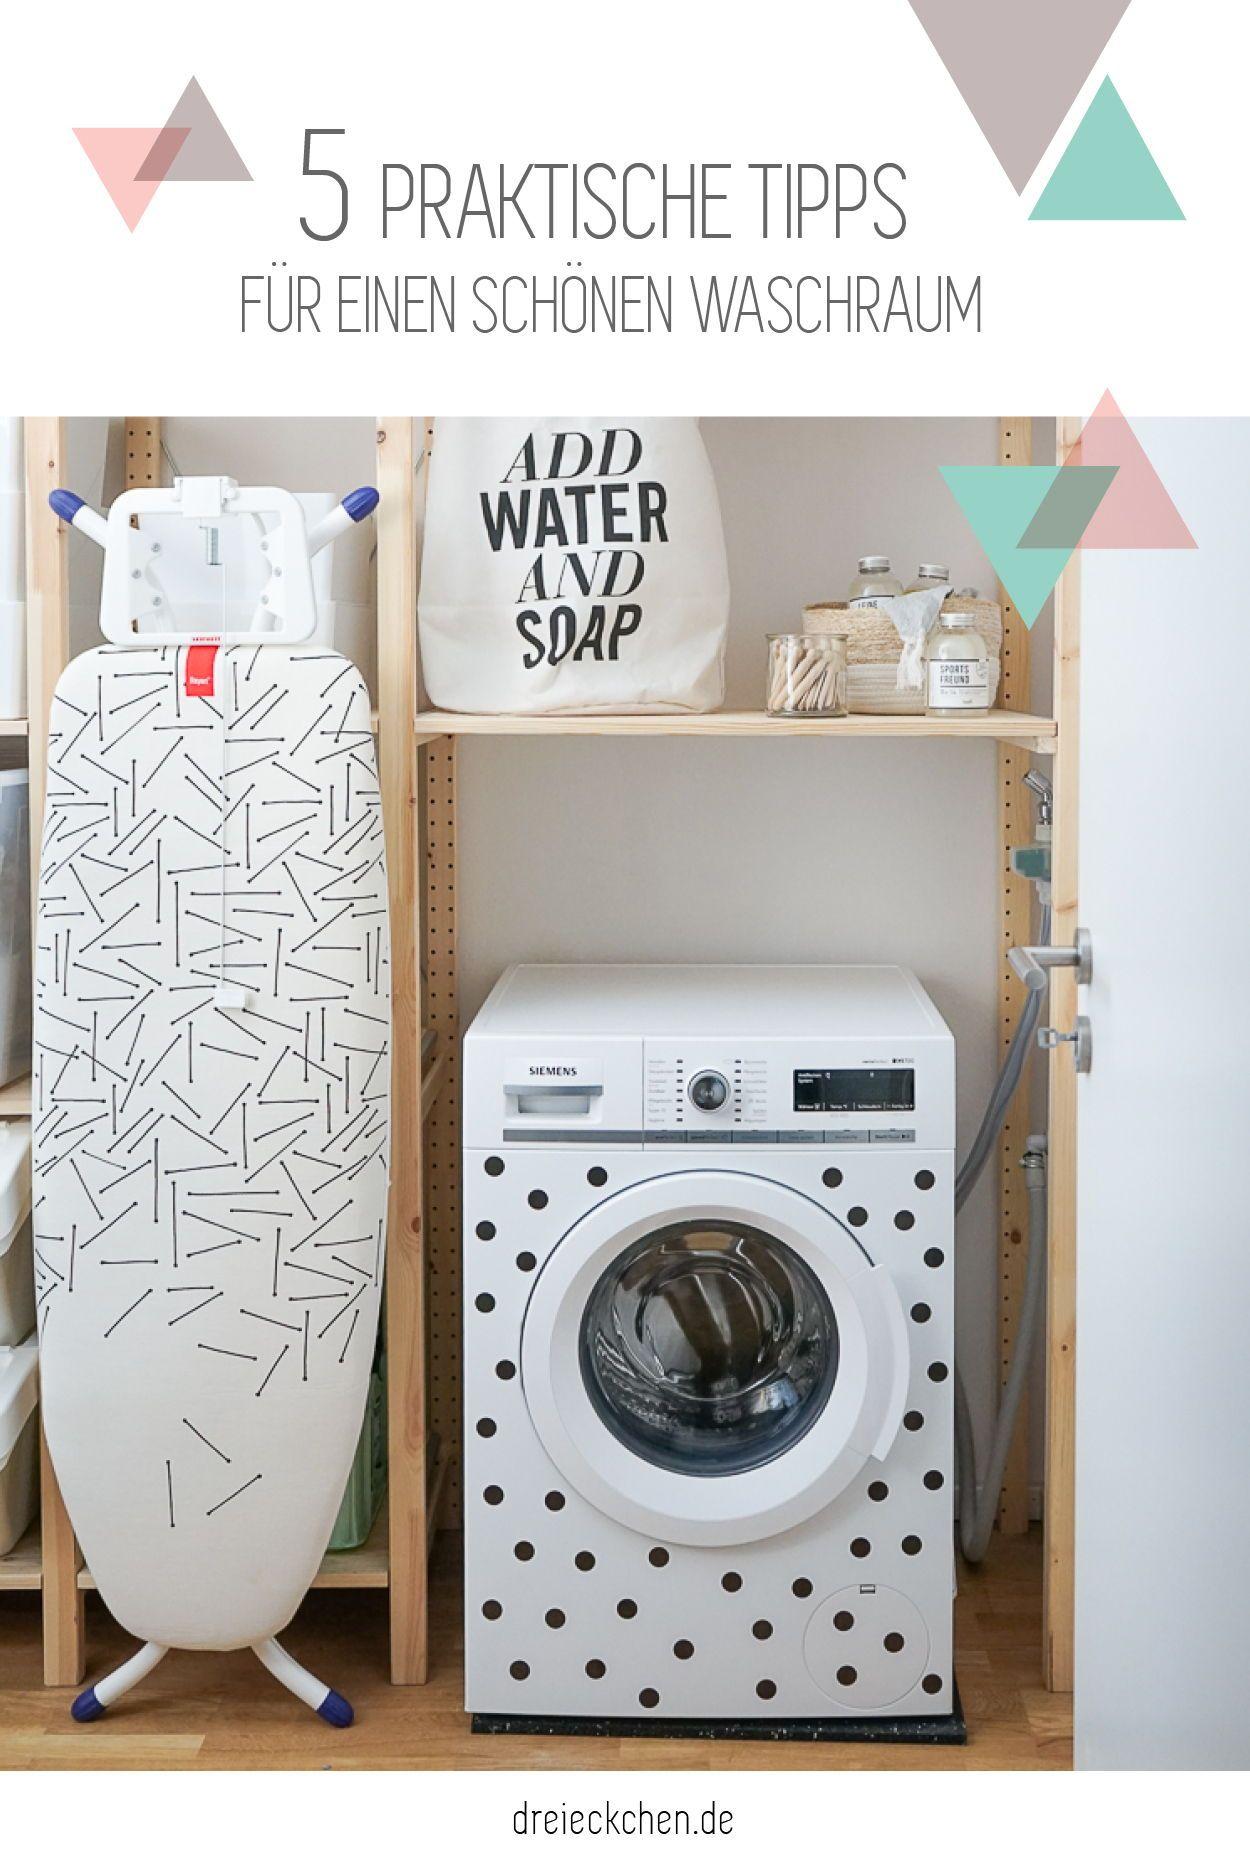 Waschekorbe Bugelbrett Und Waschmittel Praktische Tipps Wie Ihr Euren Waschraum Schon Einrichten Konnt Aufbewahrung Waschmittel Waschraum Wasche